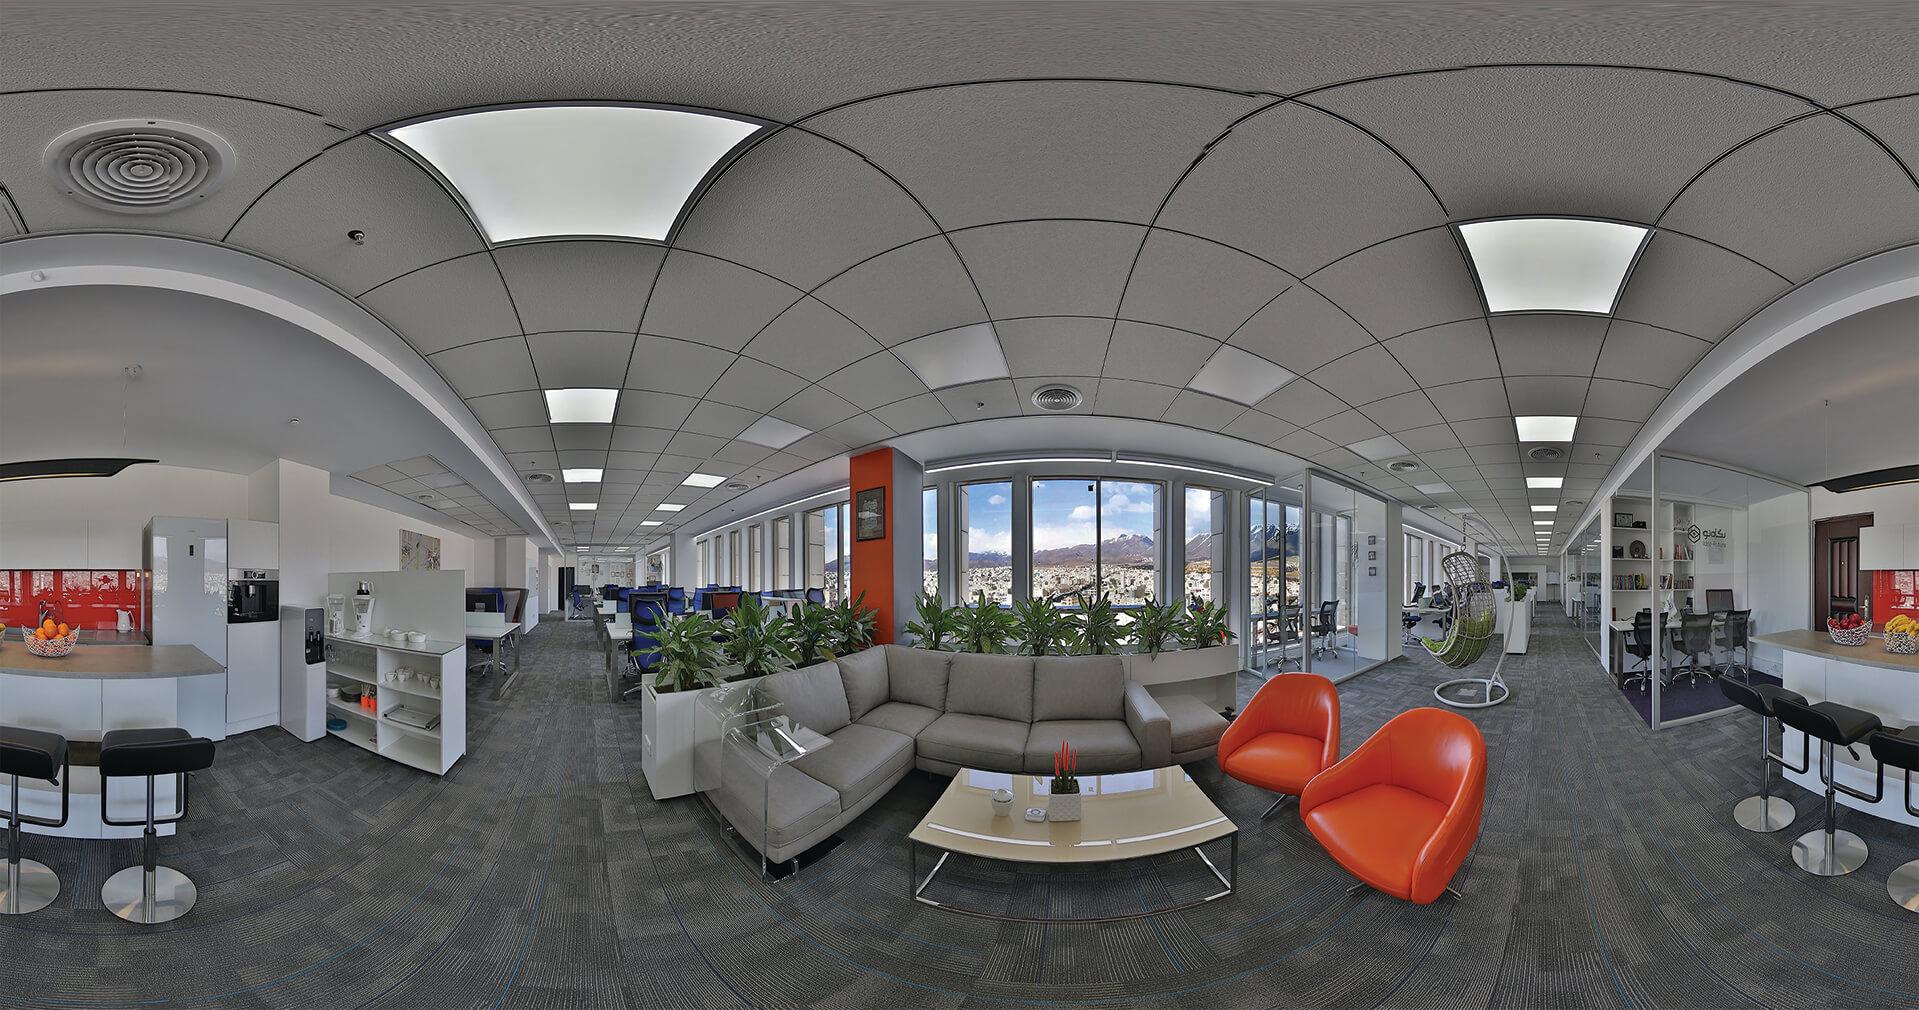 تور مجازی شرکت پردیس گوگل